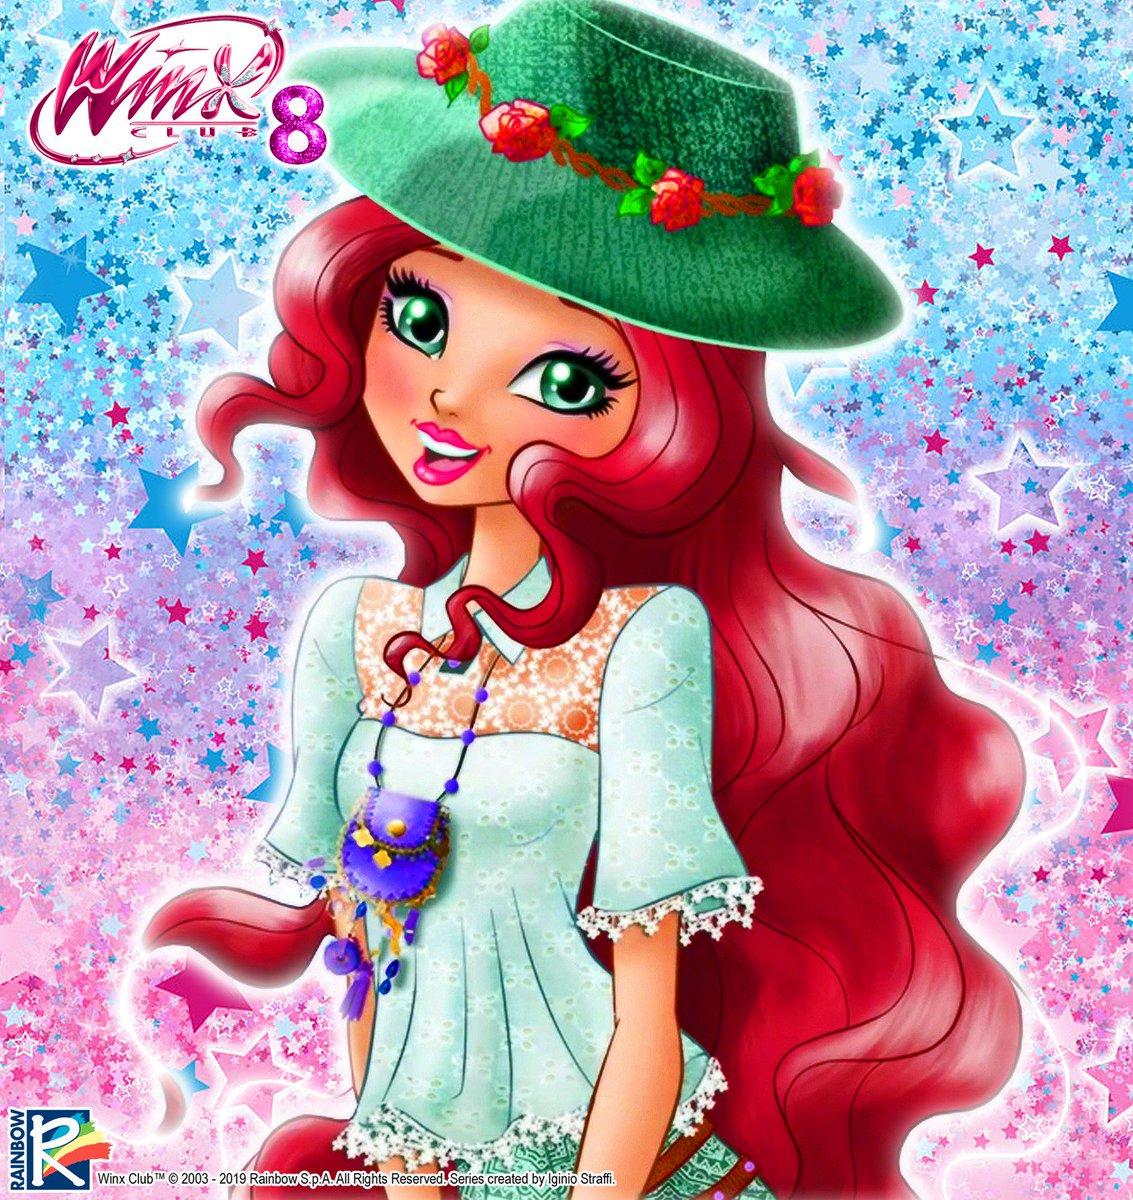 #Winx #WinxClub #Winx8 #Layla #Aisha